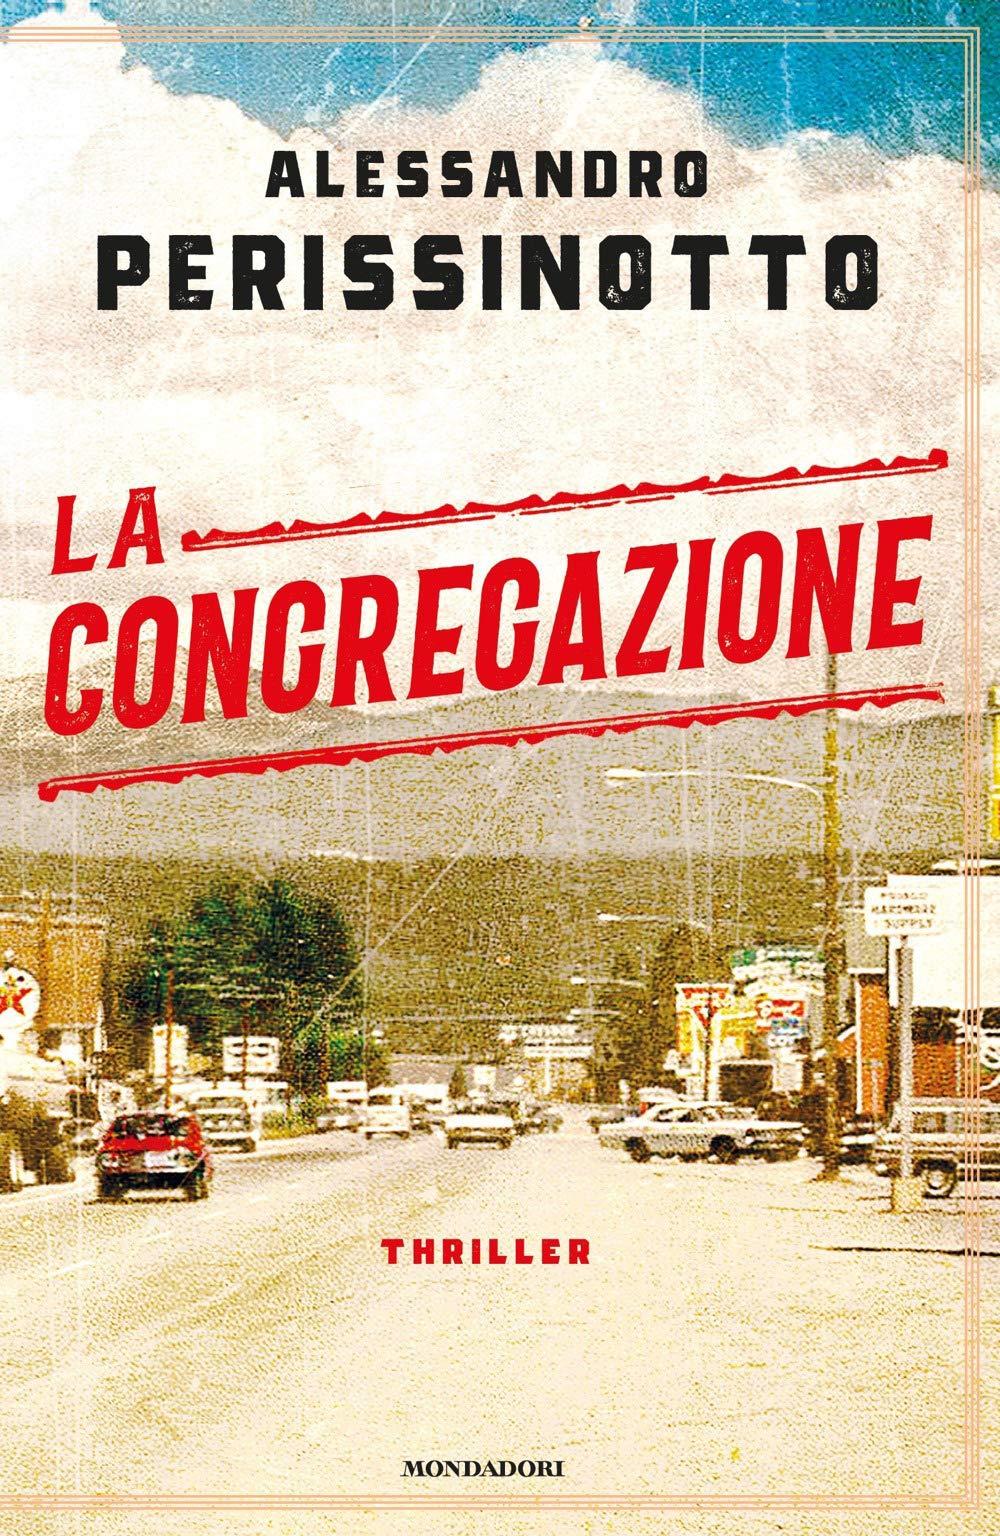 LA CONGREGAZIONE - Alessandro Perissinotto